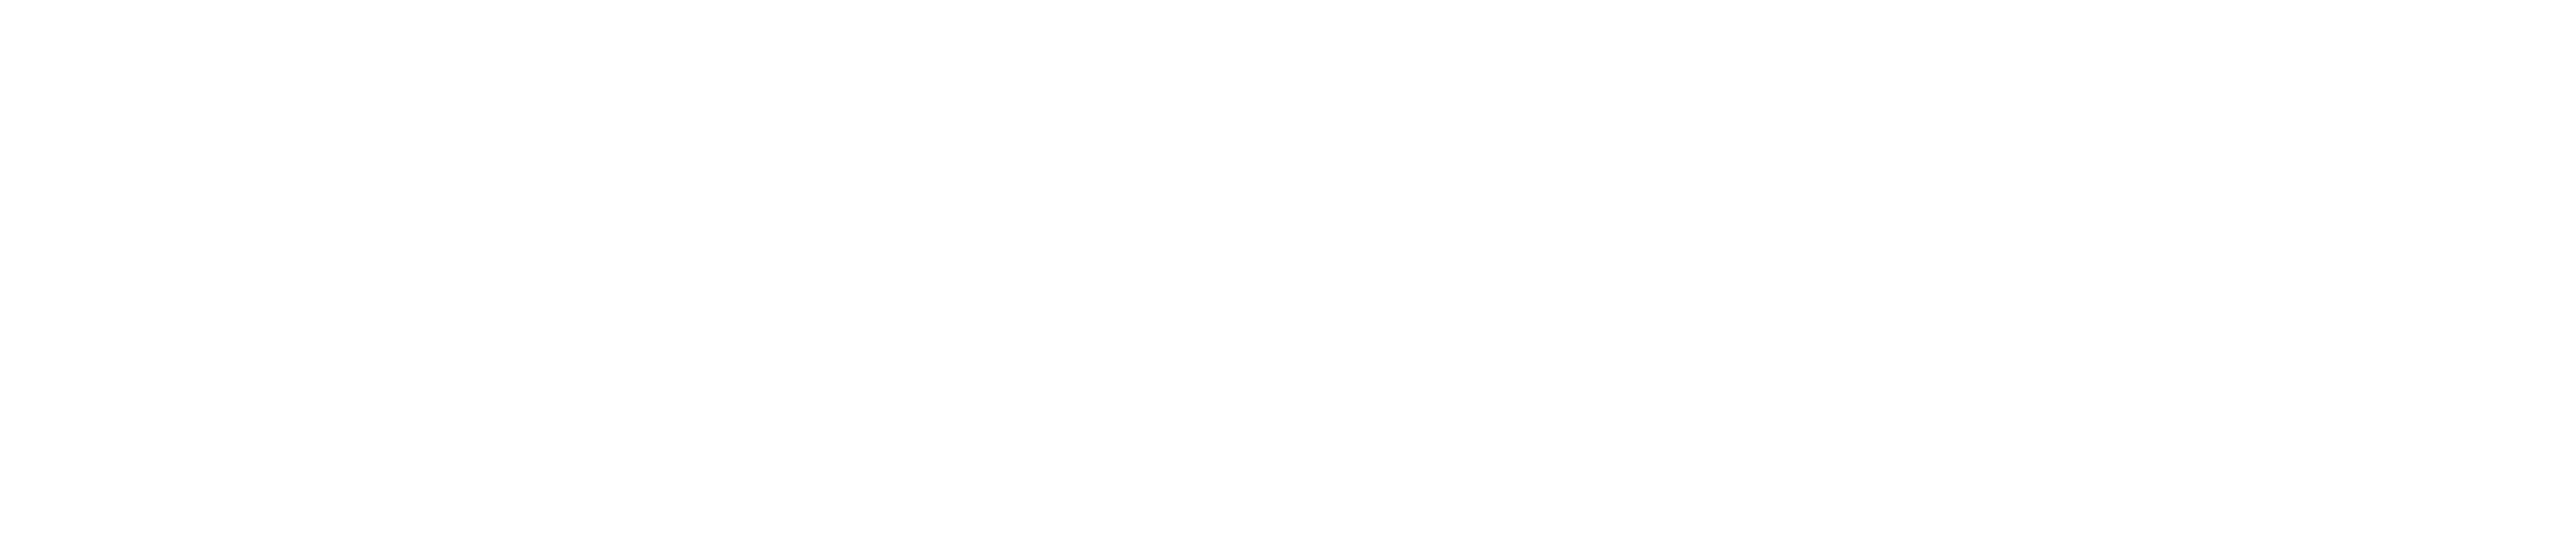 logo blanco casa cambio online securex